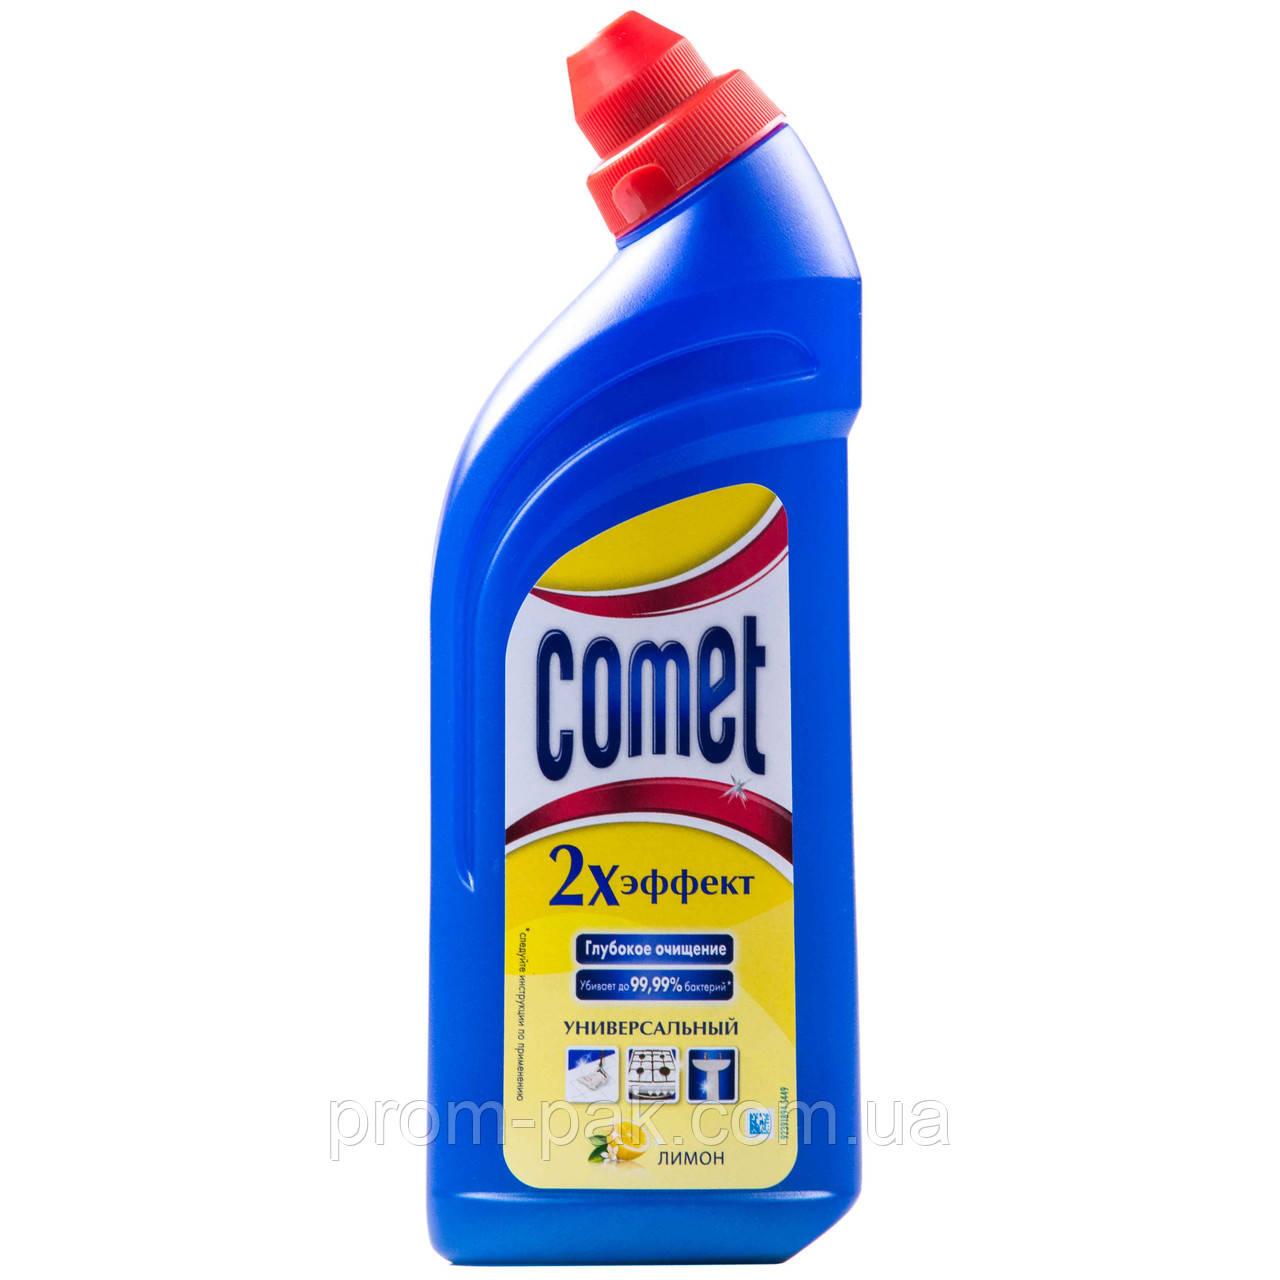 Чистящий гель Comet Универсальный 500 мл лимон